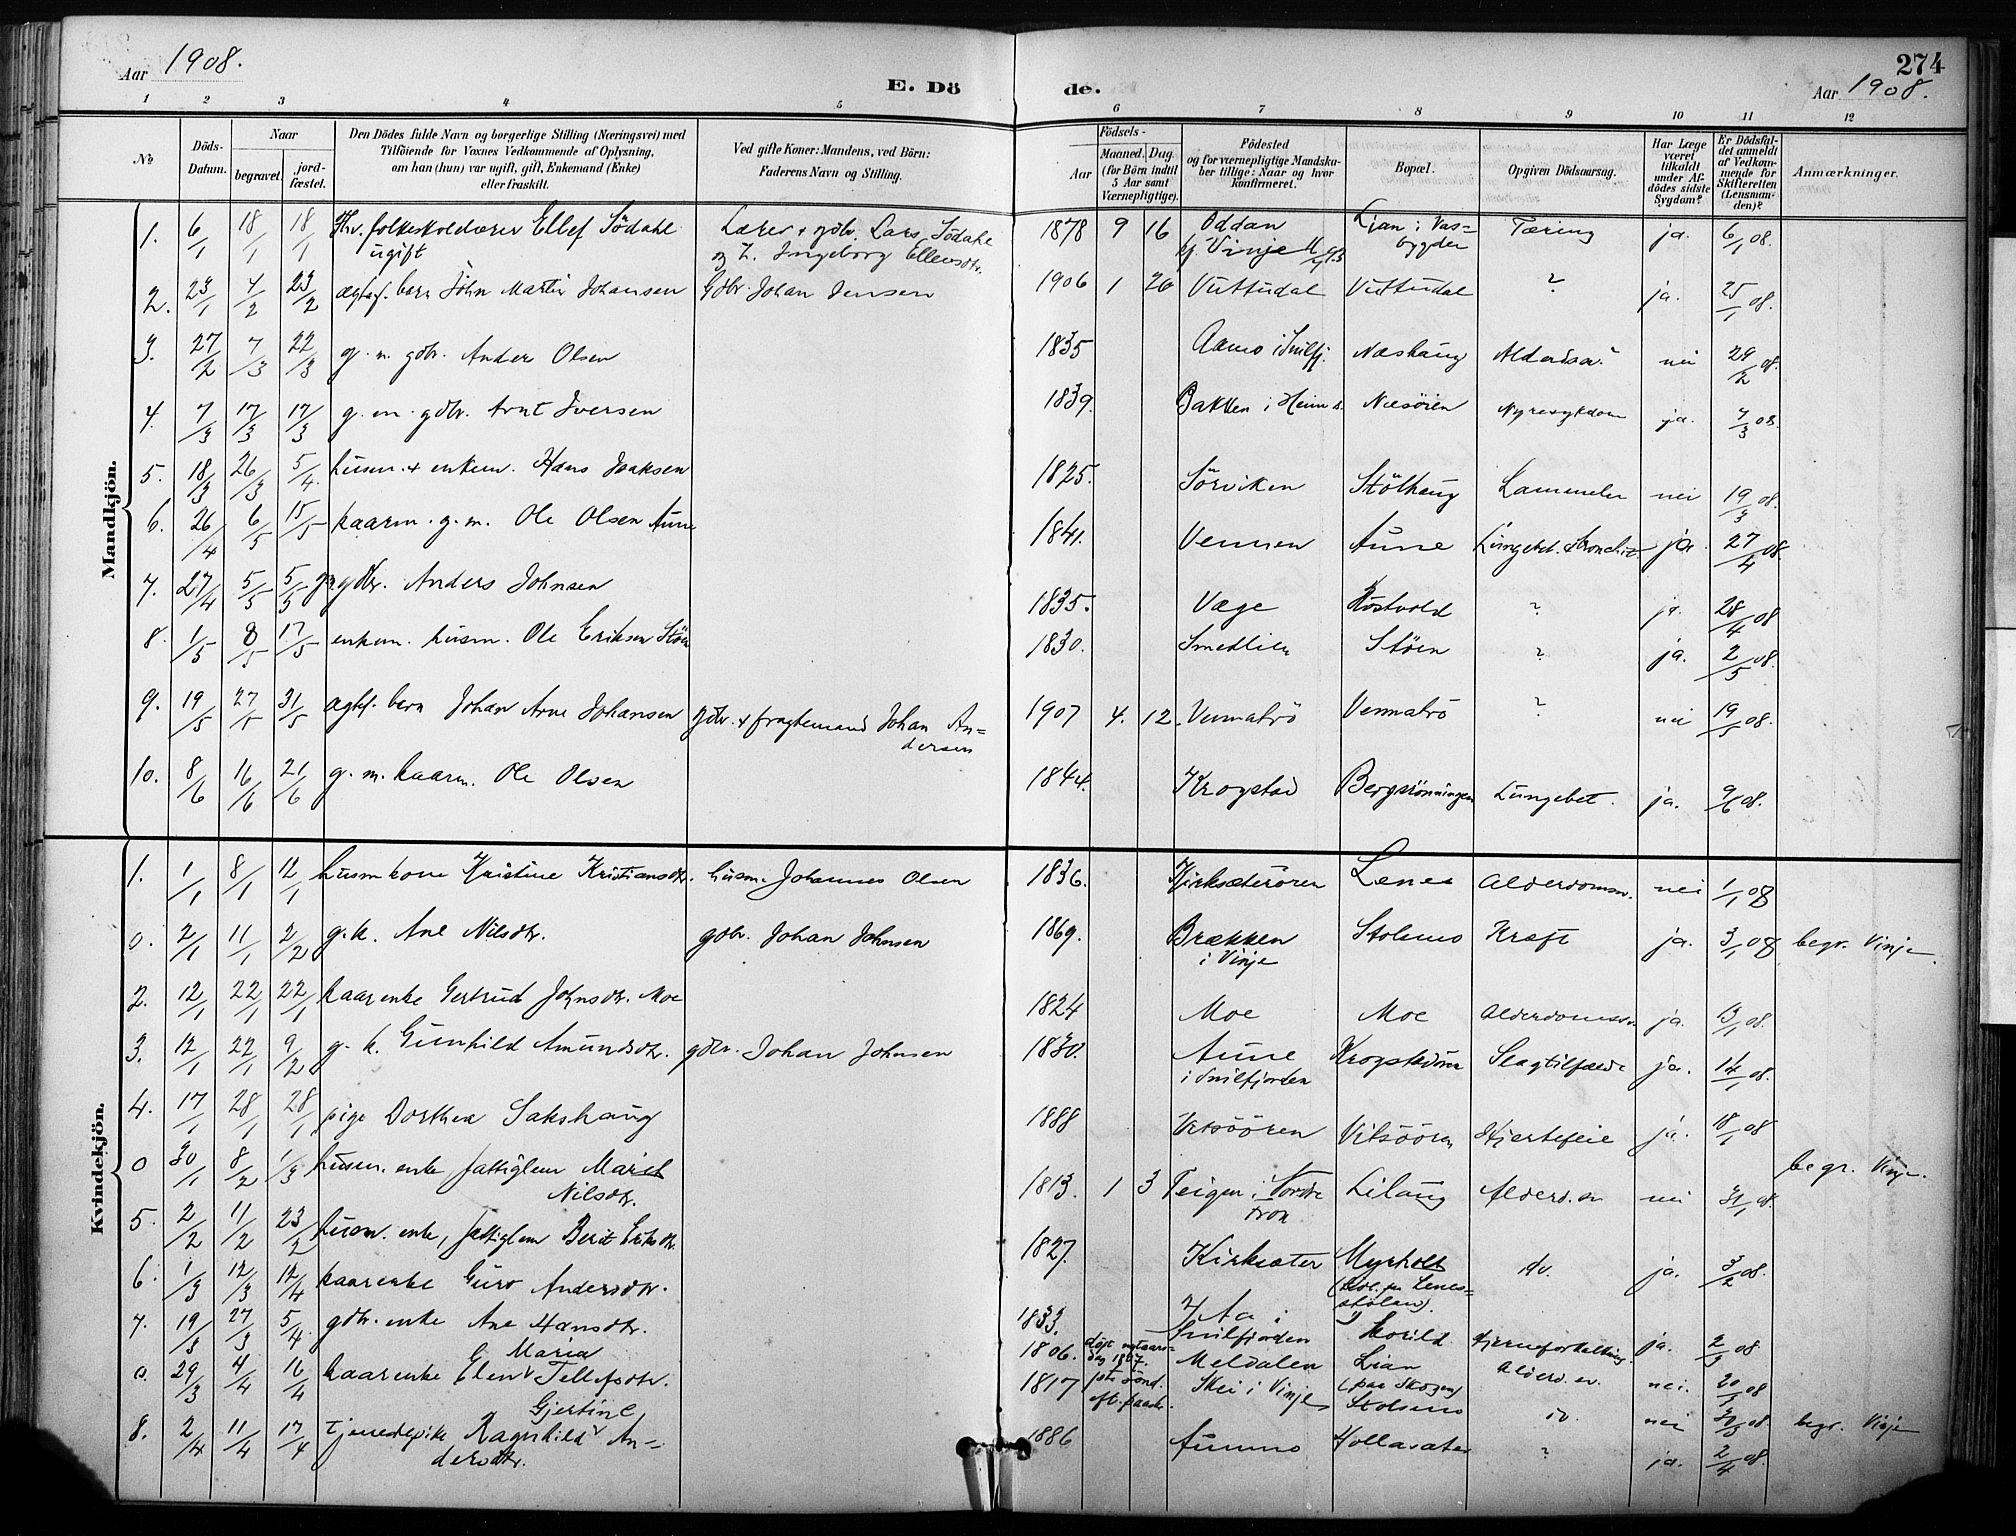 SAT, Ministerialprotokoller, klokkerbøker og fødselsregistre - Sør-Trøndelag, 630/L0497: Ministerialbok nr. 630A10, 1896-1910, s. 274